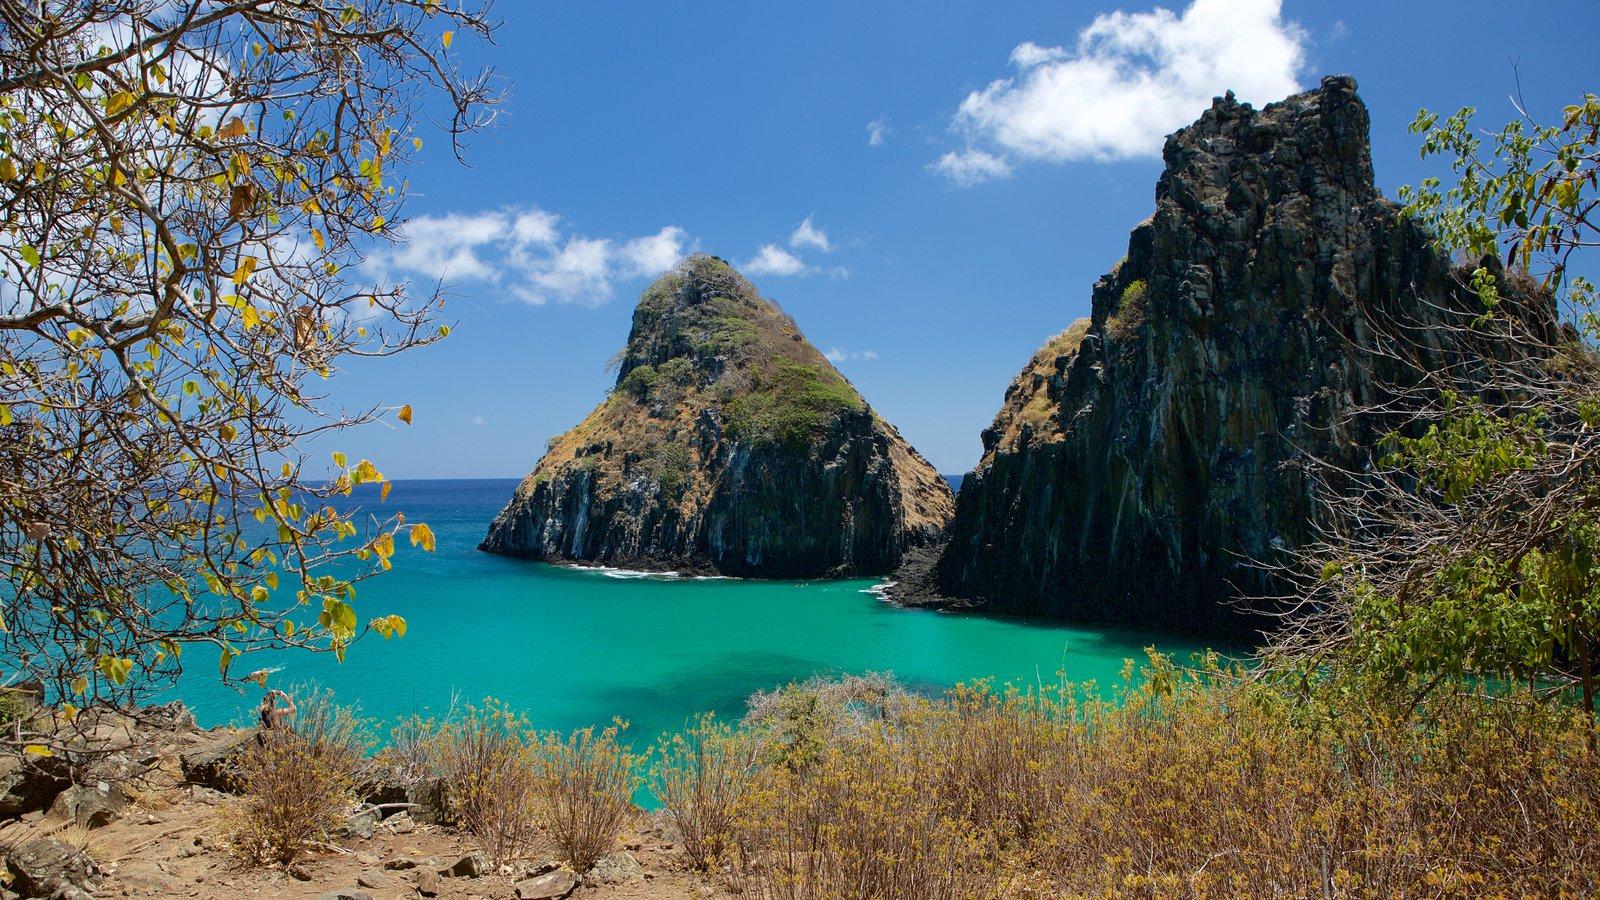 Morro Dois Irmãos mostrando paisagens litorâneas, paisagens da ilha e litoral acidentado